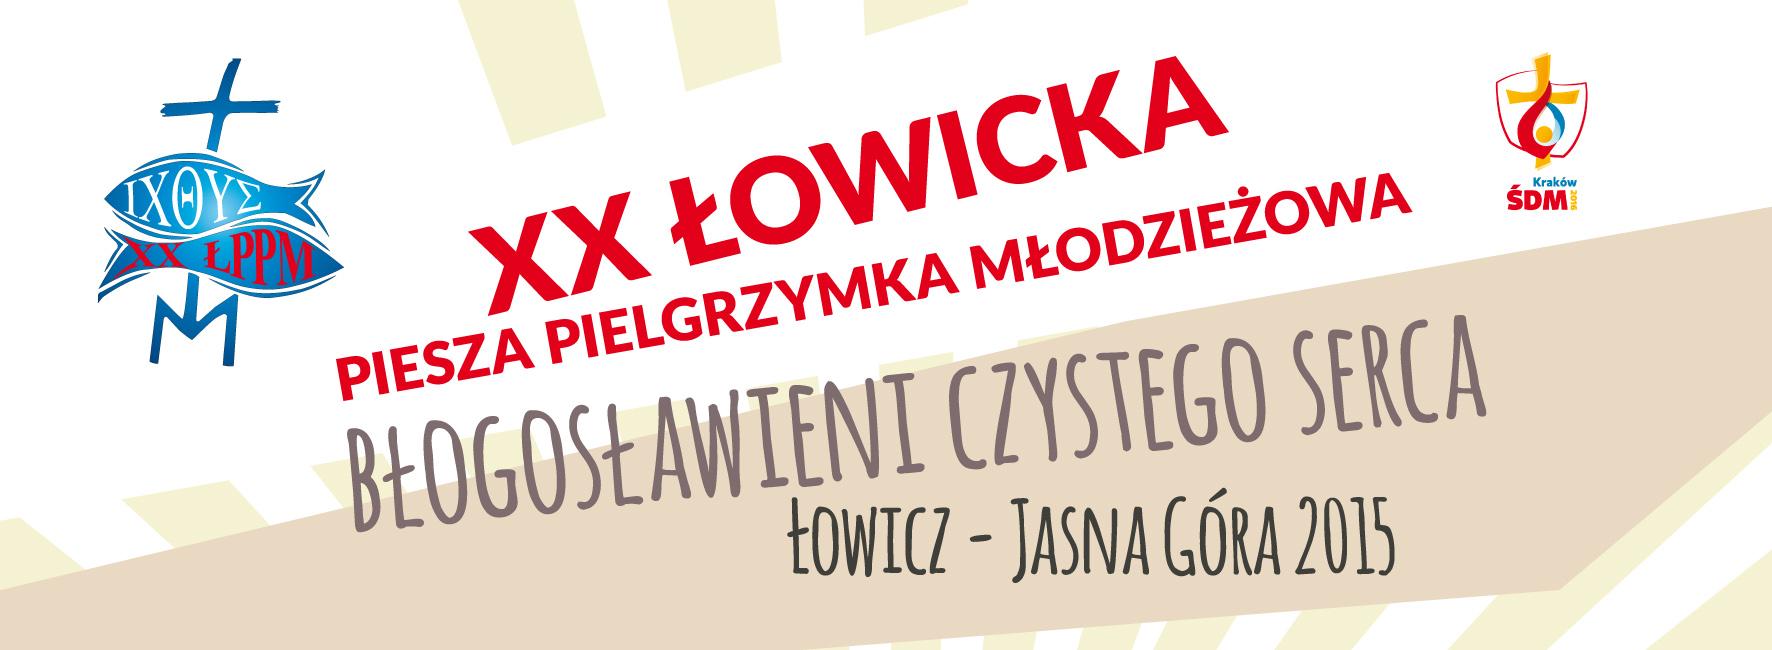 fb_pielgrzymka_2015